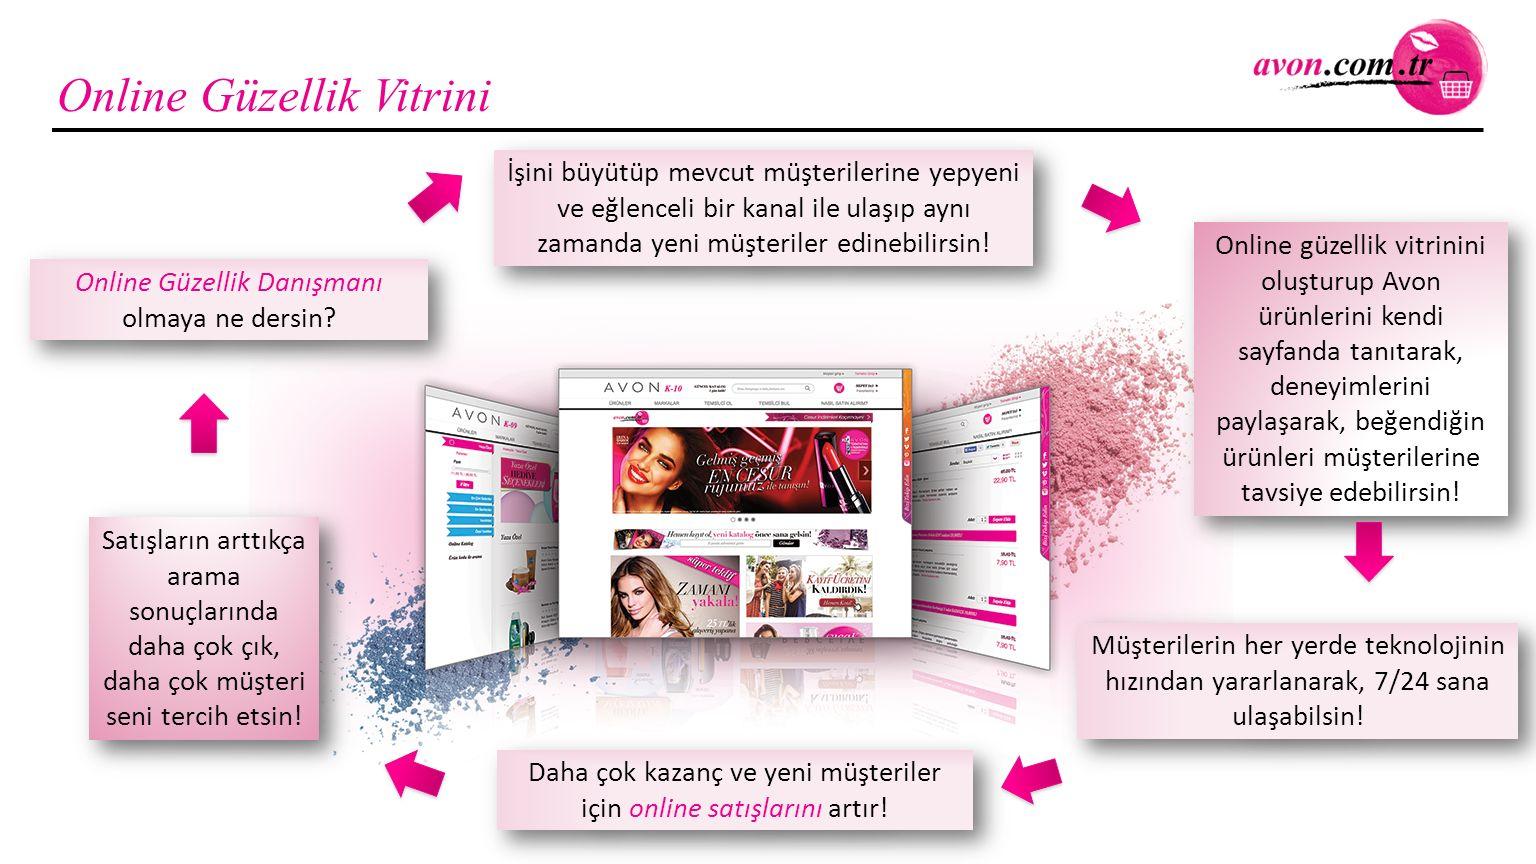 Online Güzellik Vitrini